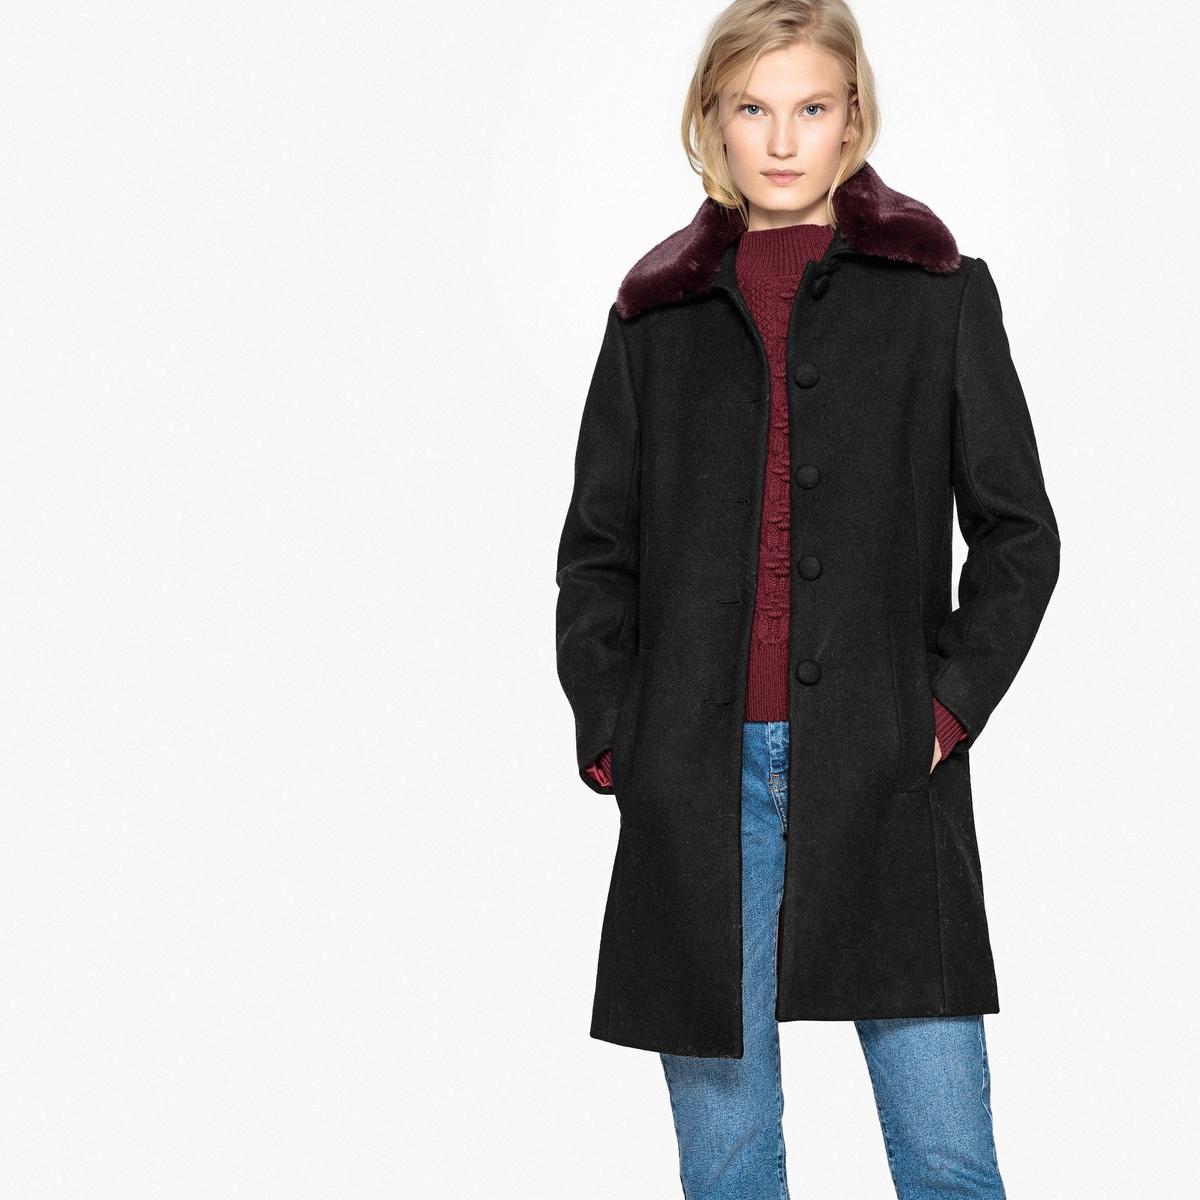 Abrigo de mezcla de lana con cuello de pelo sintético